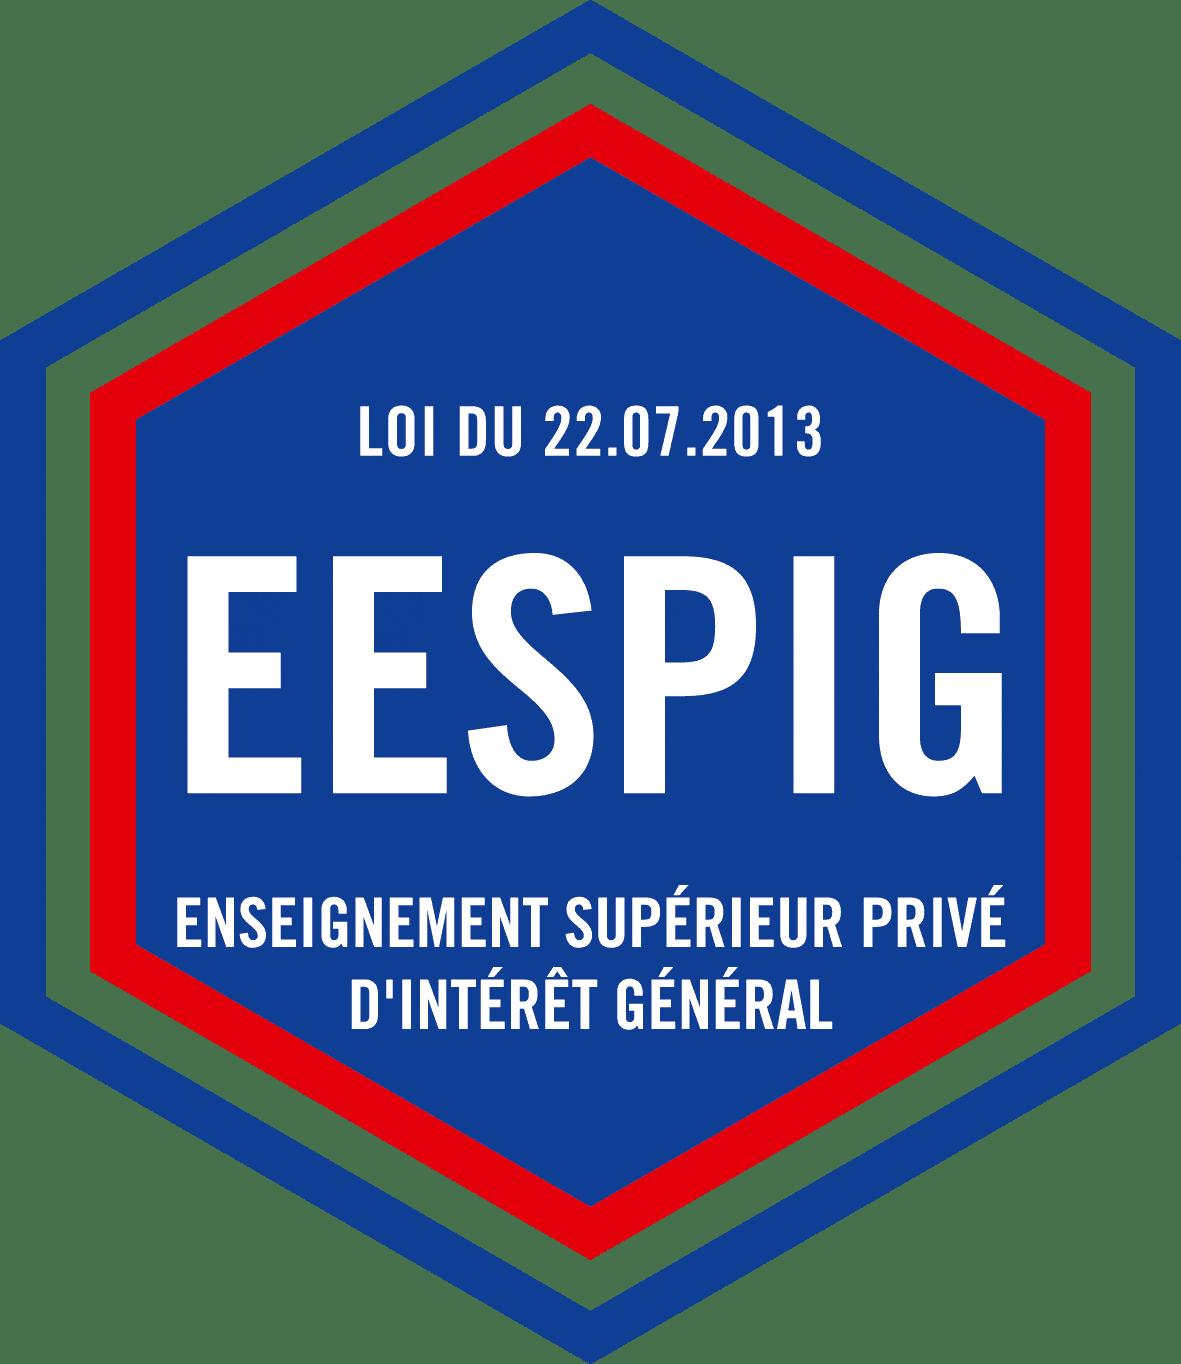 Logo EESPIG